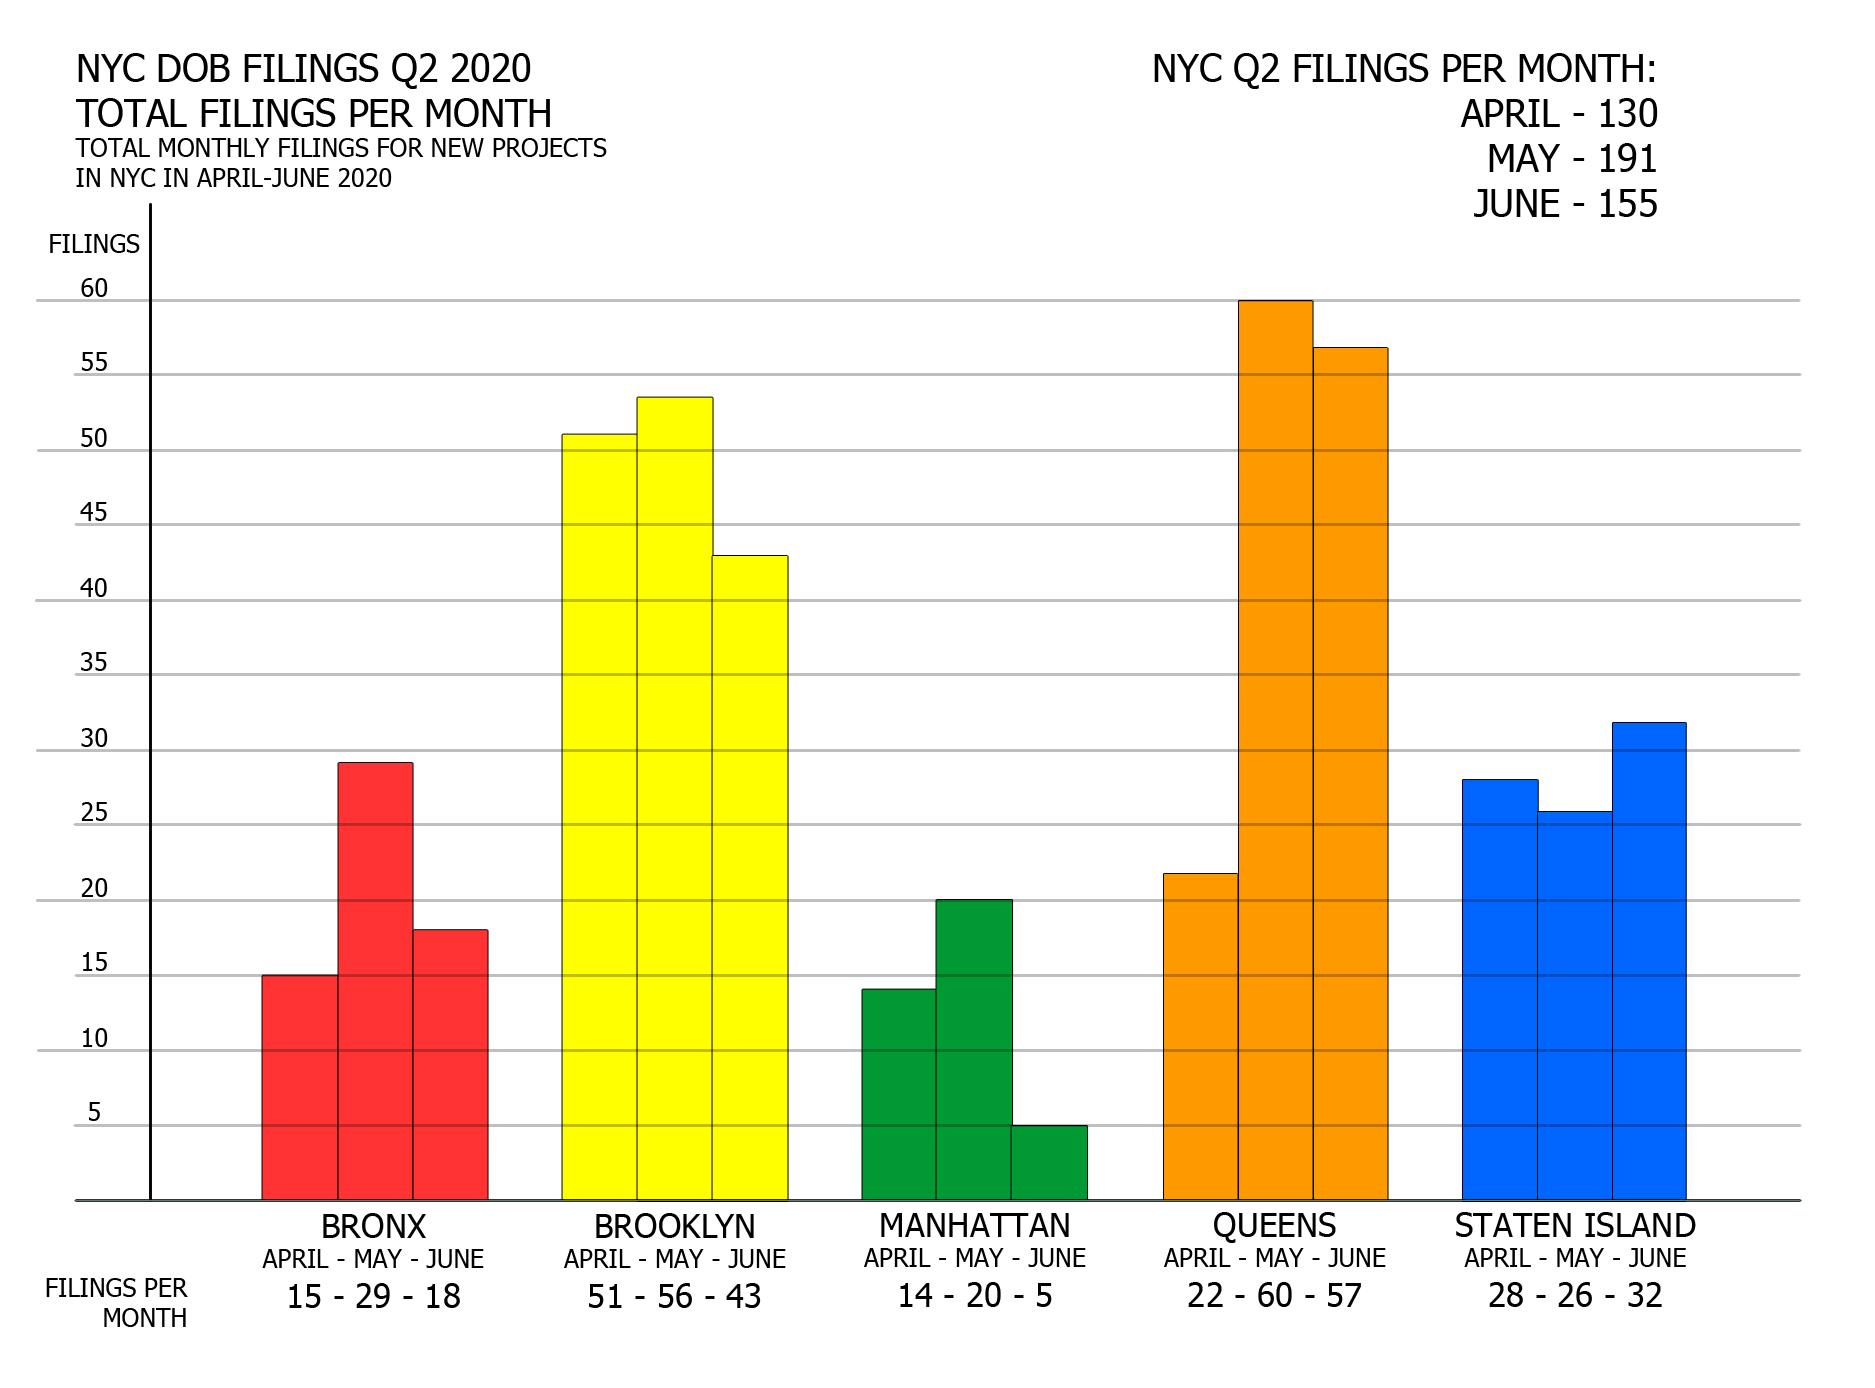 NYC Q2 2020 filings - Number of filings per month by borough. Image credit: Vitali Ogorodnikov